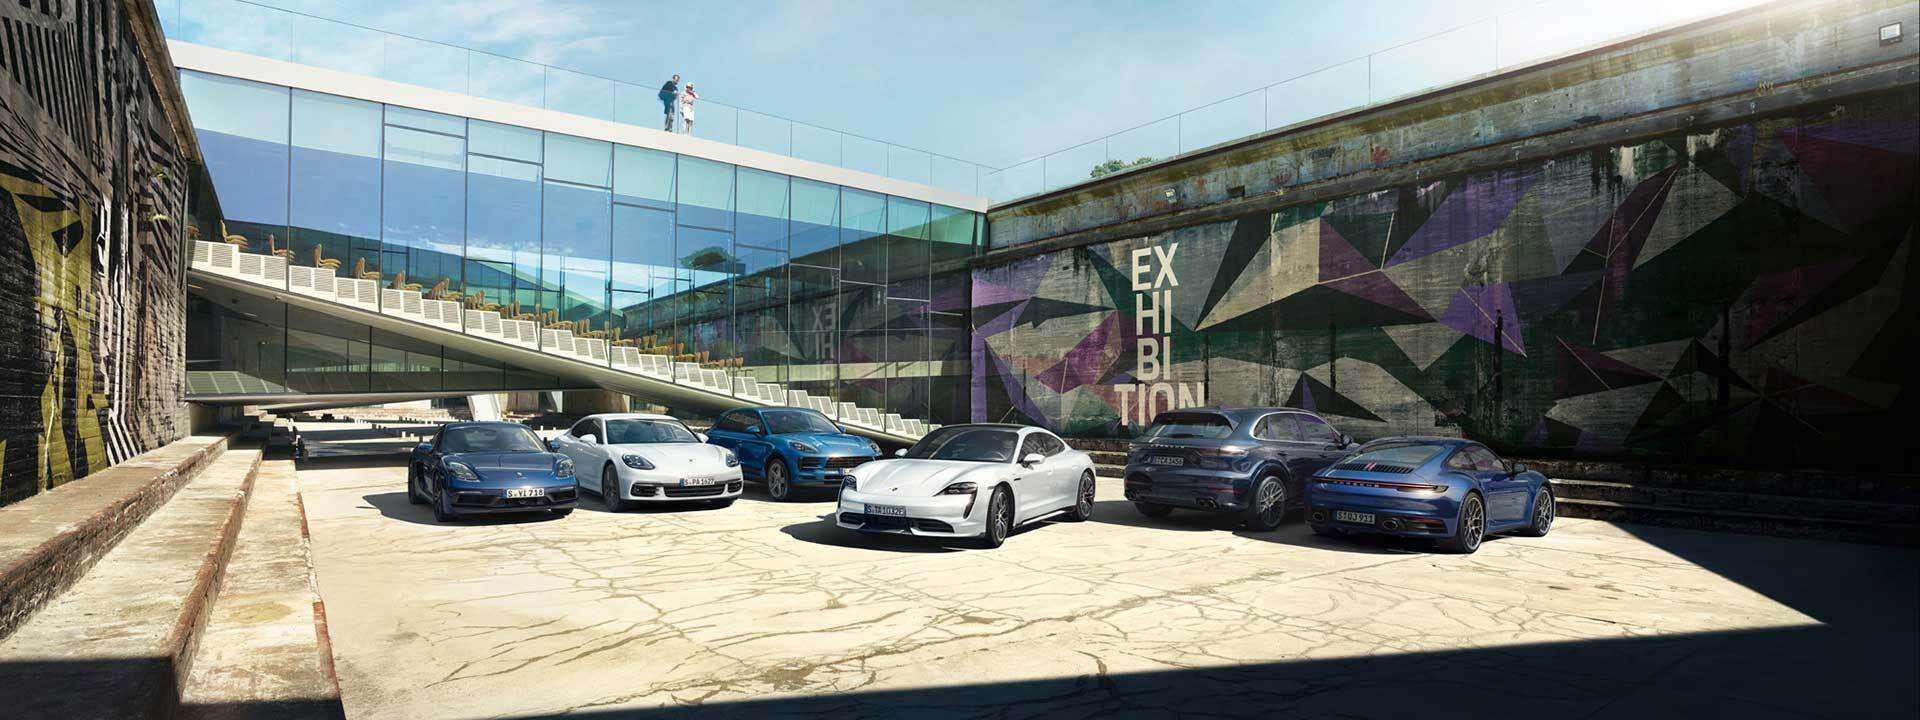 The Porsche lineup in Kansas City, KS